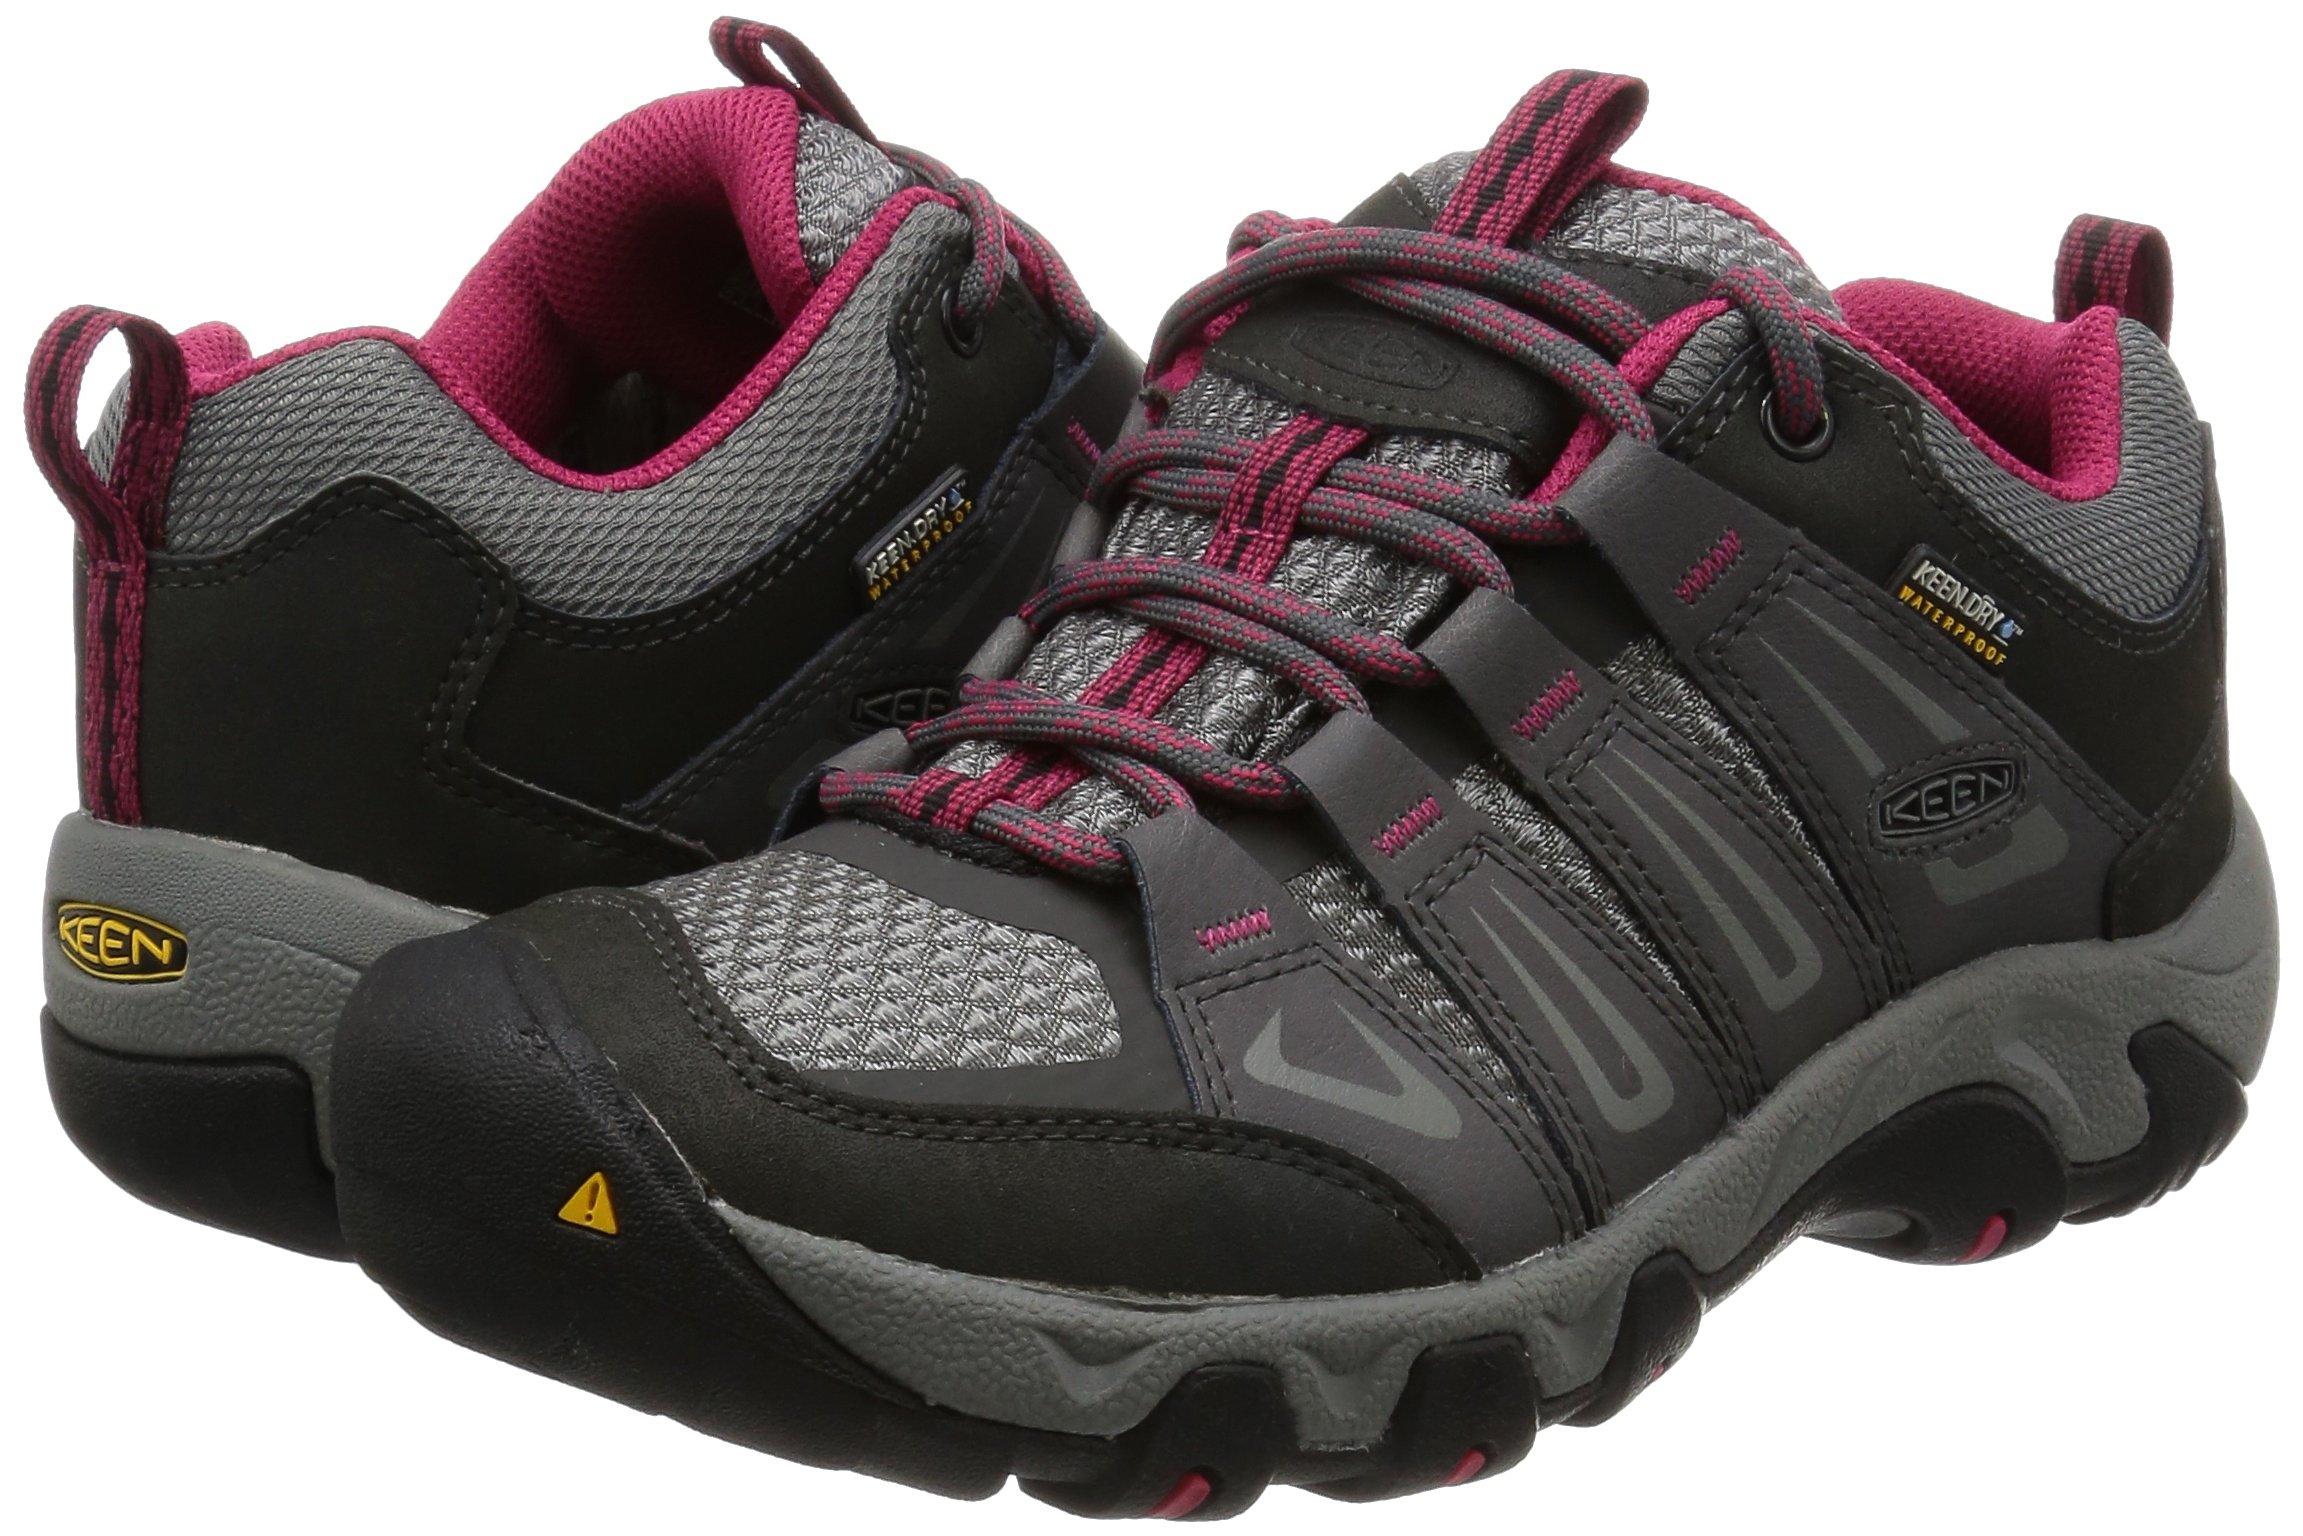 KEEN Women's Oakridge Wp Low Rise Hiking Shoes 6